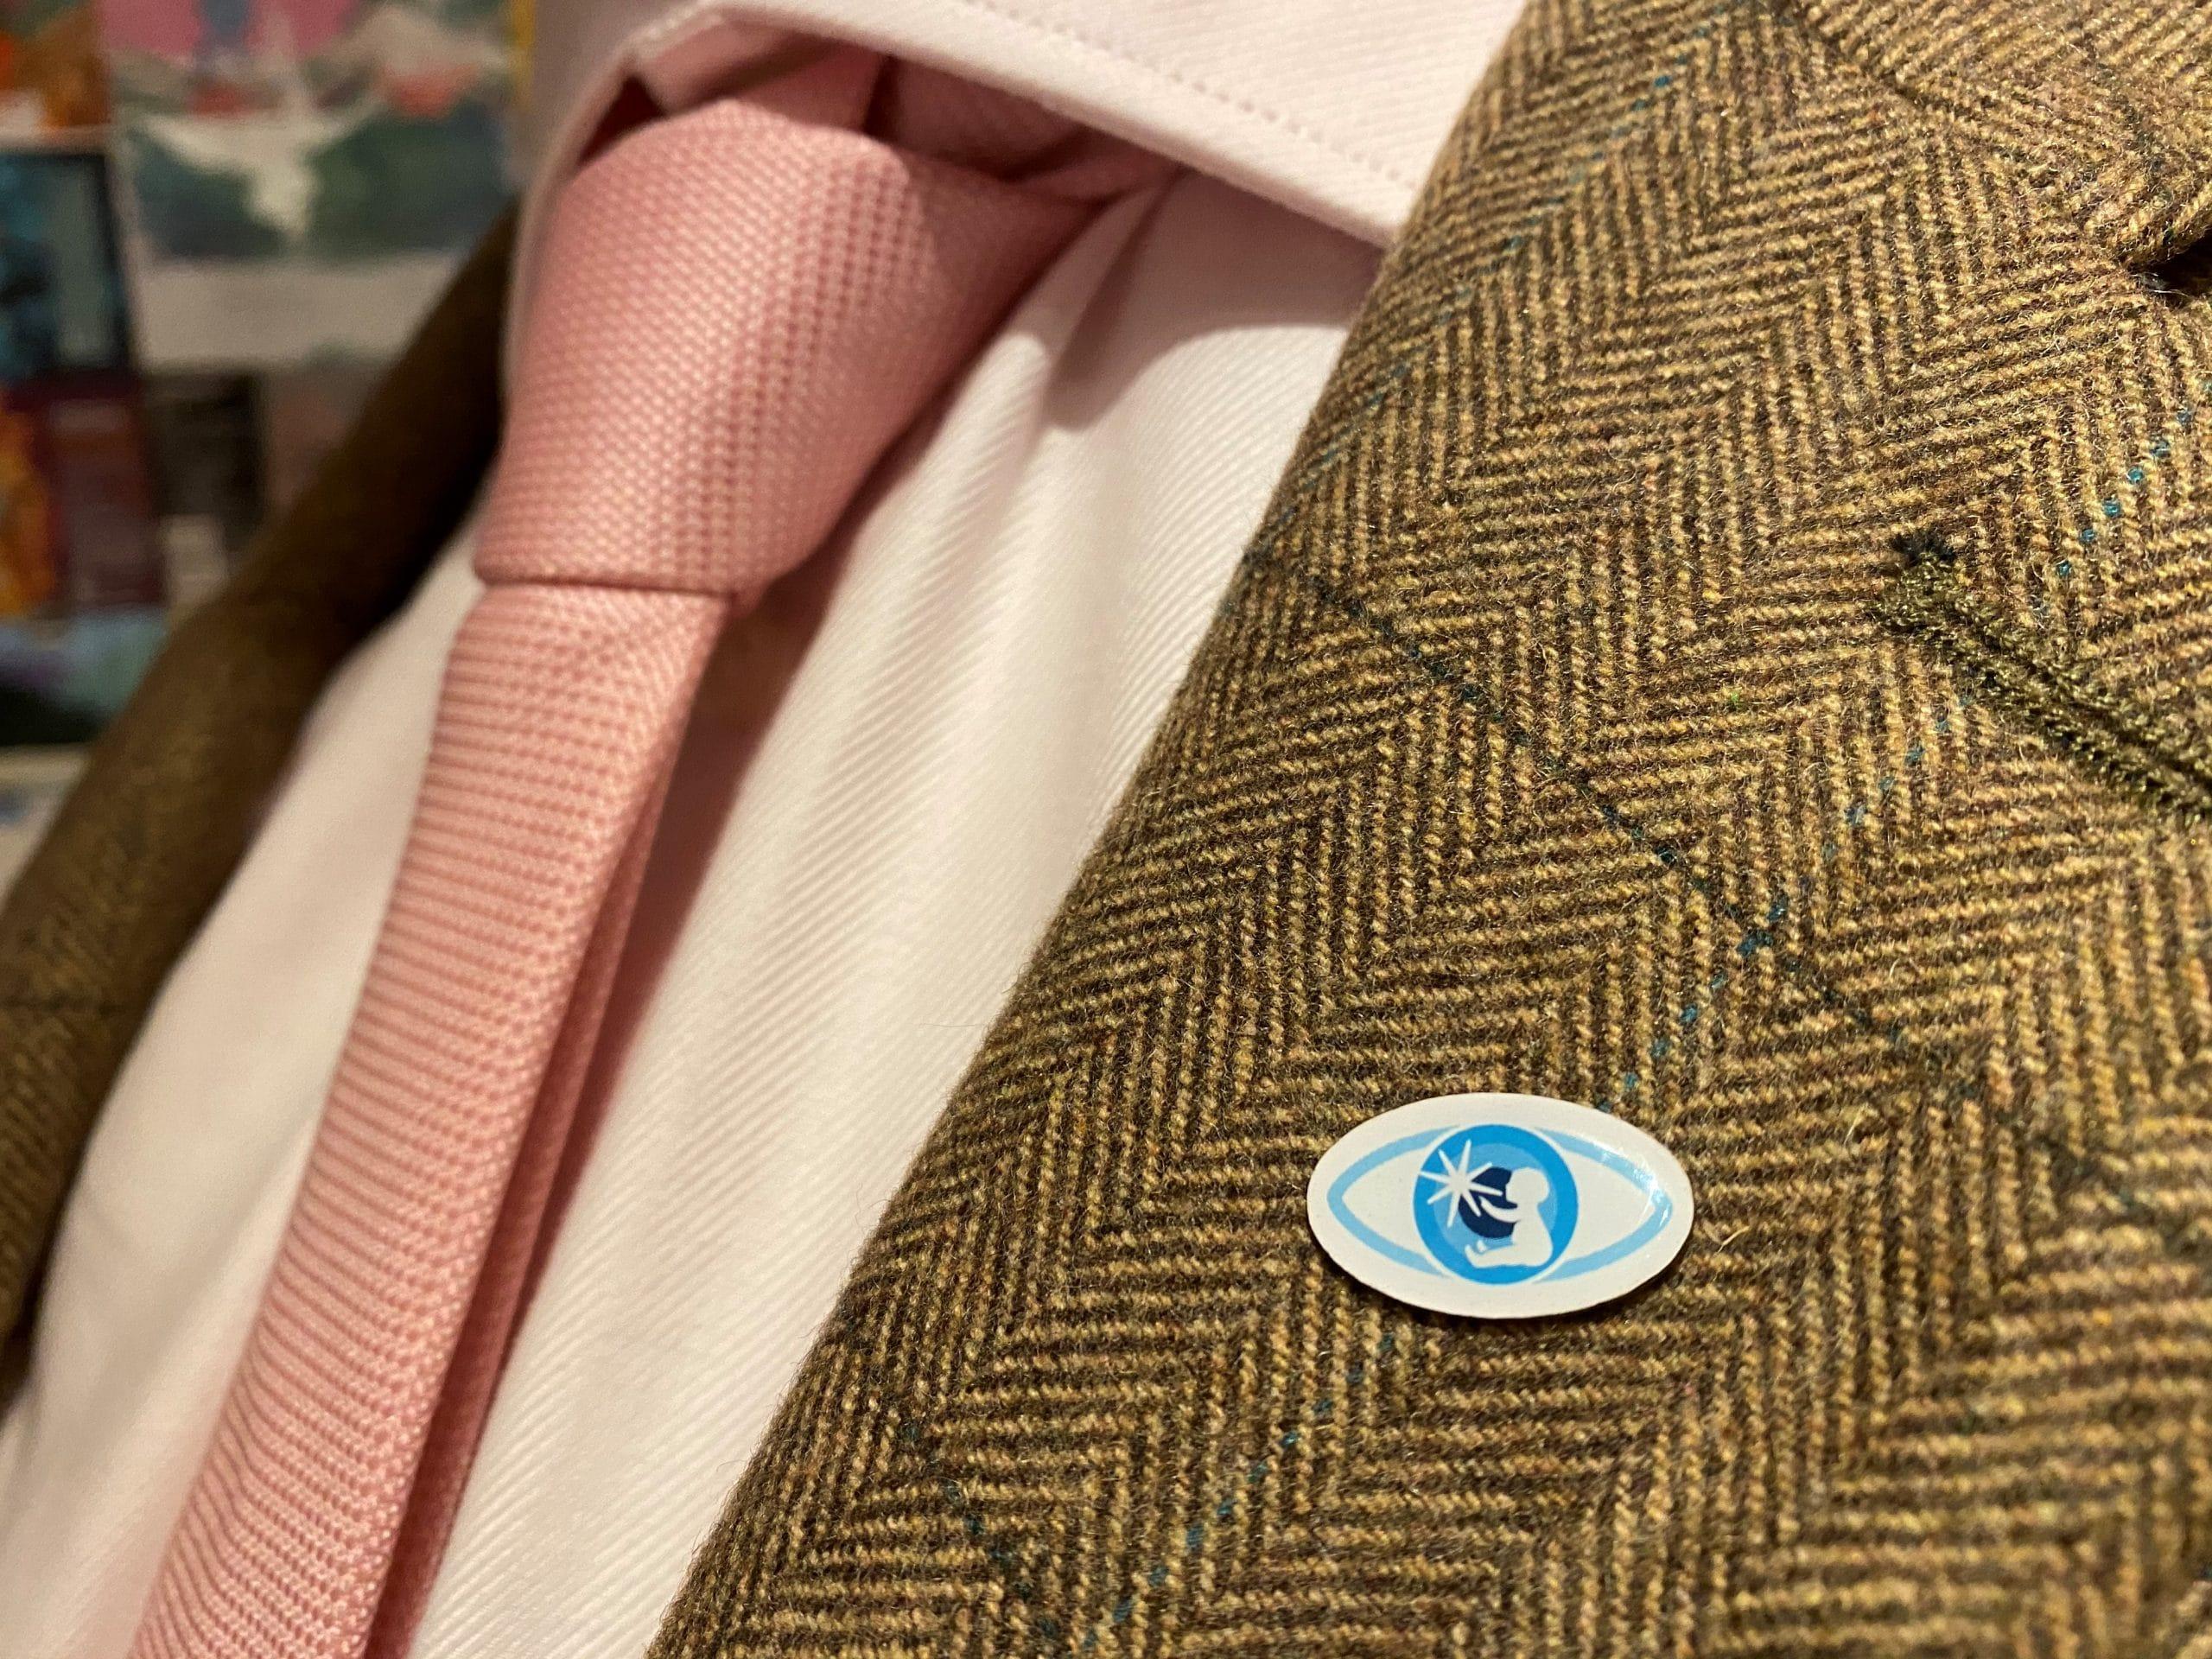 CHECT pin badge